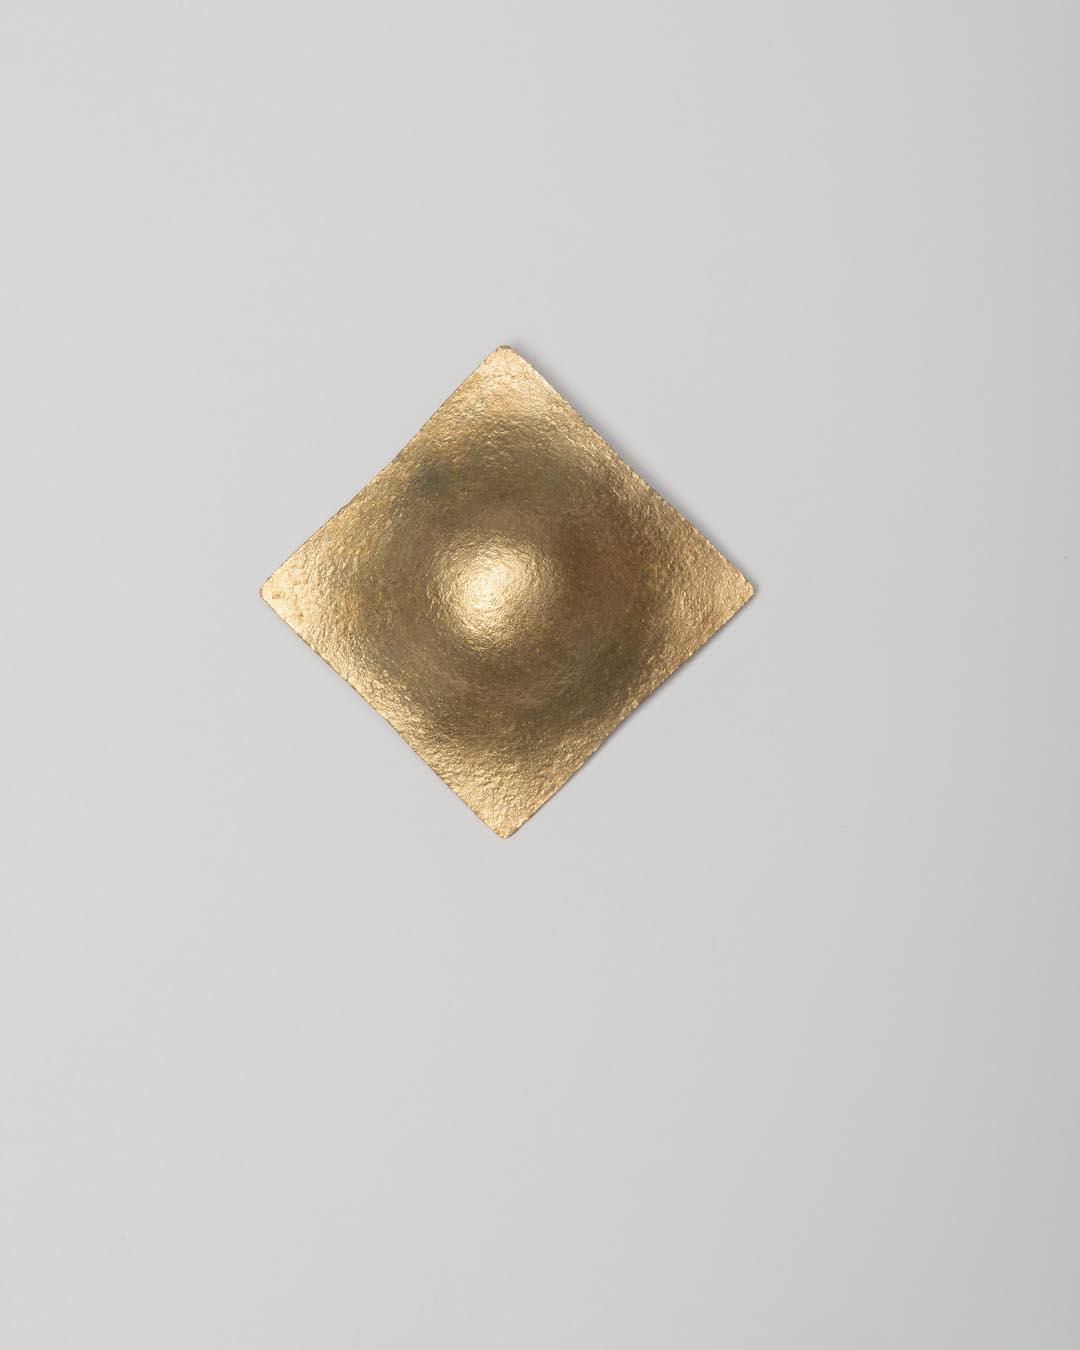 Yasuki Hiramatsu, untitled, brooch; gold-plated silver, 62 x 61.5 x 14 mm, €875